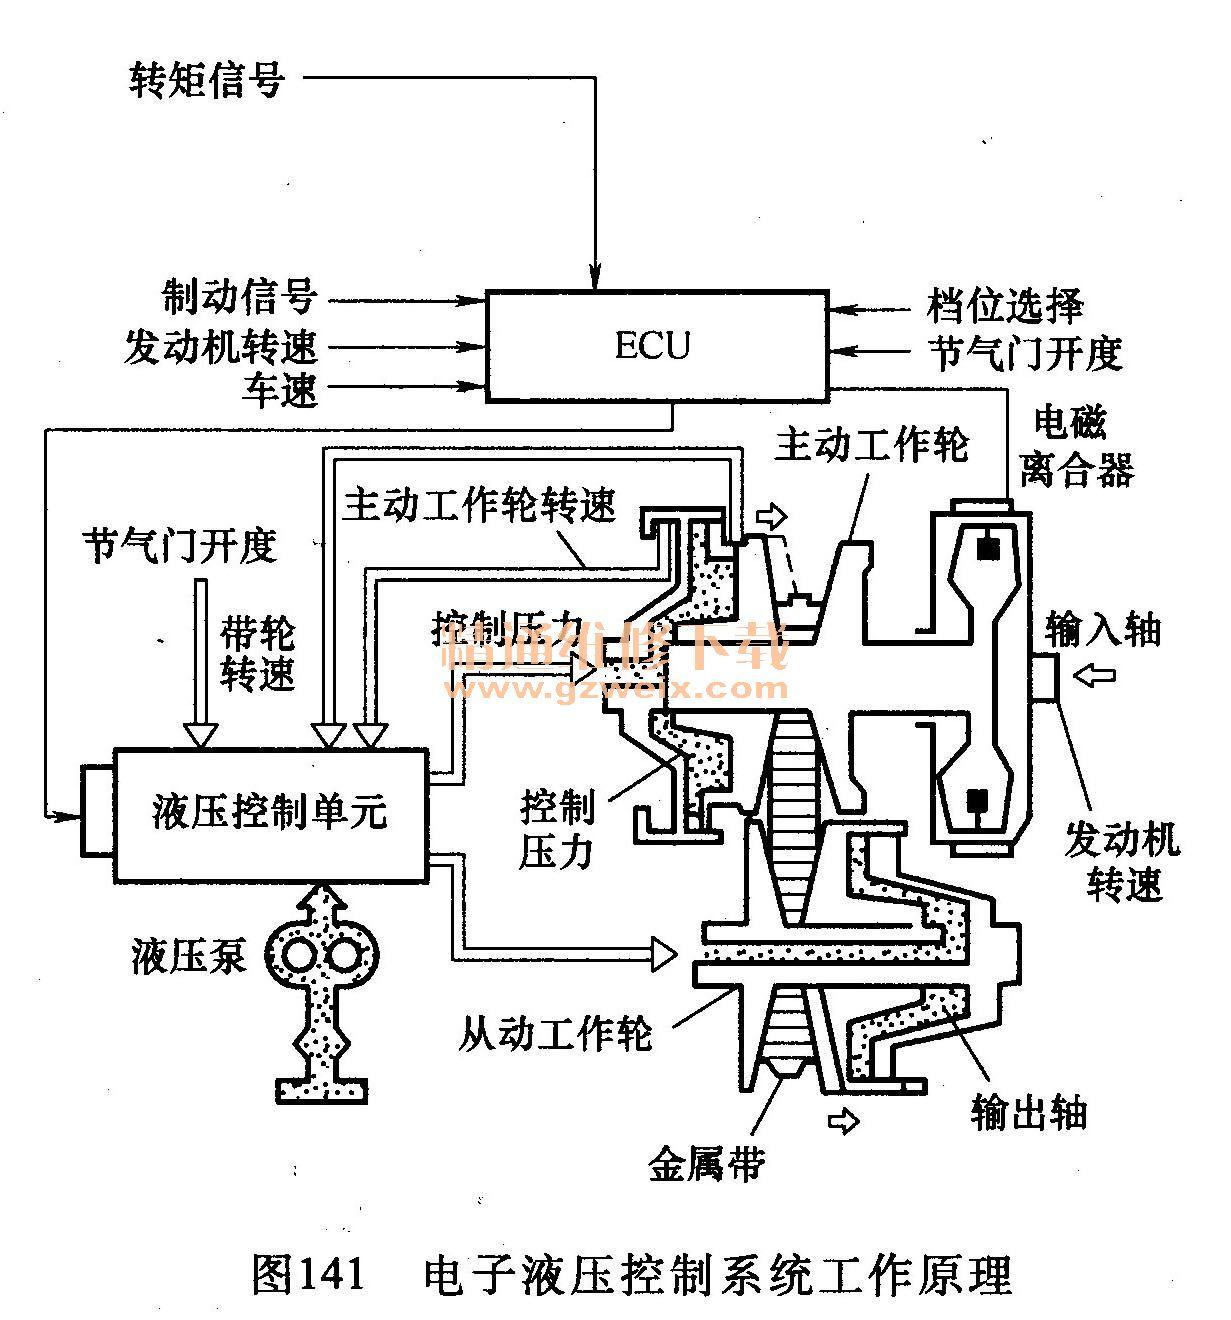 液压传动系统原理图_详解汽车自动变速器的构造及检修 - 精通维修下载